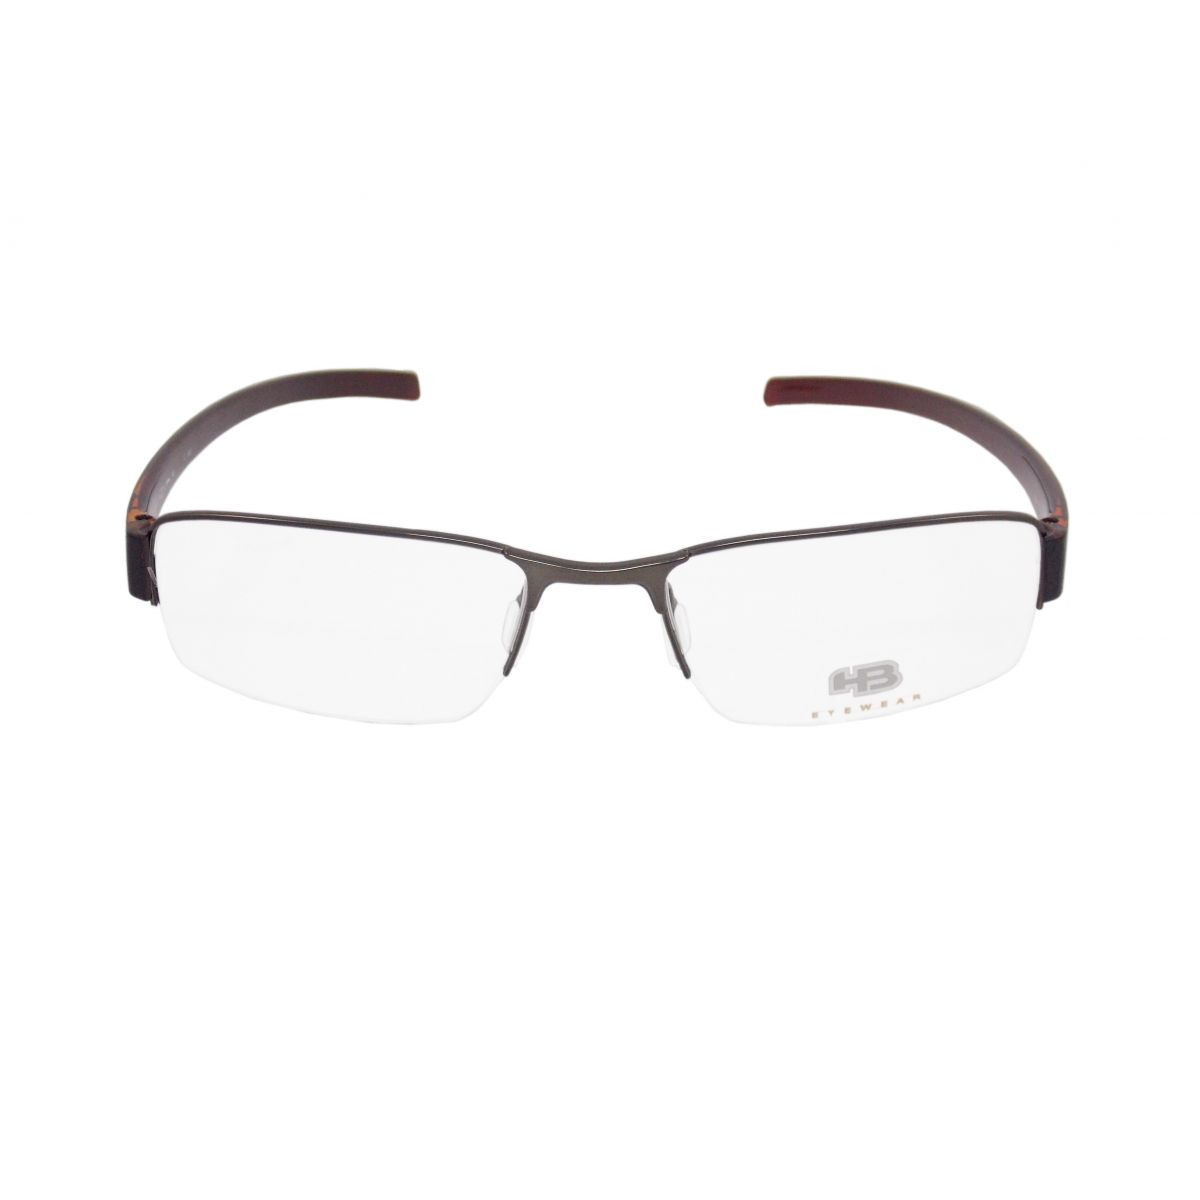 11d9c0ddec92d Óculos De Grau Masculino Hb M93067541 Tam.54HBHB de GrauCompra segura